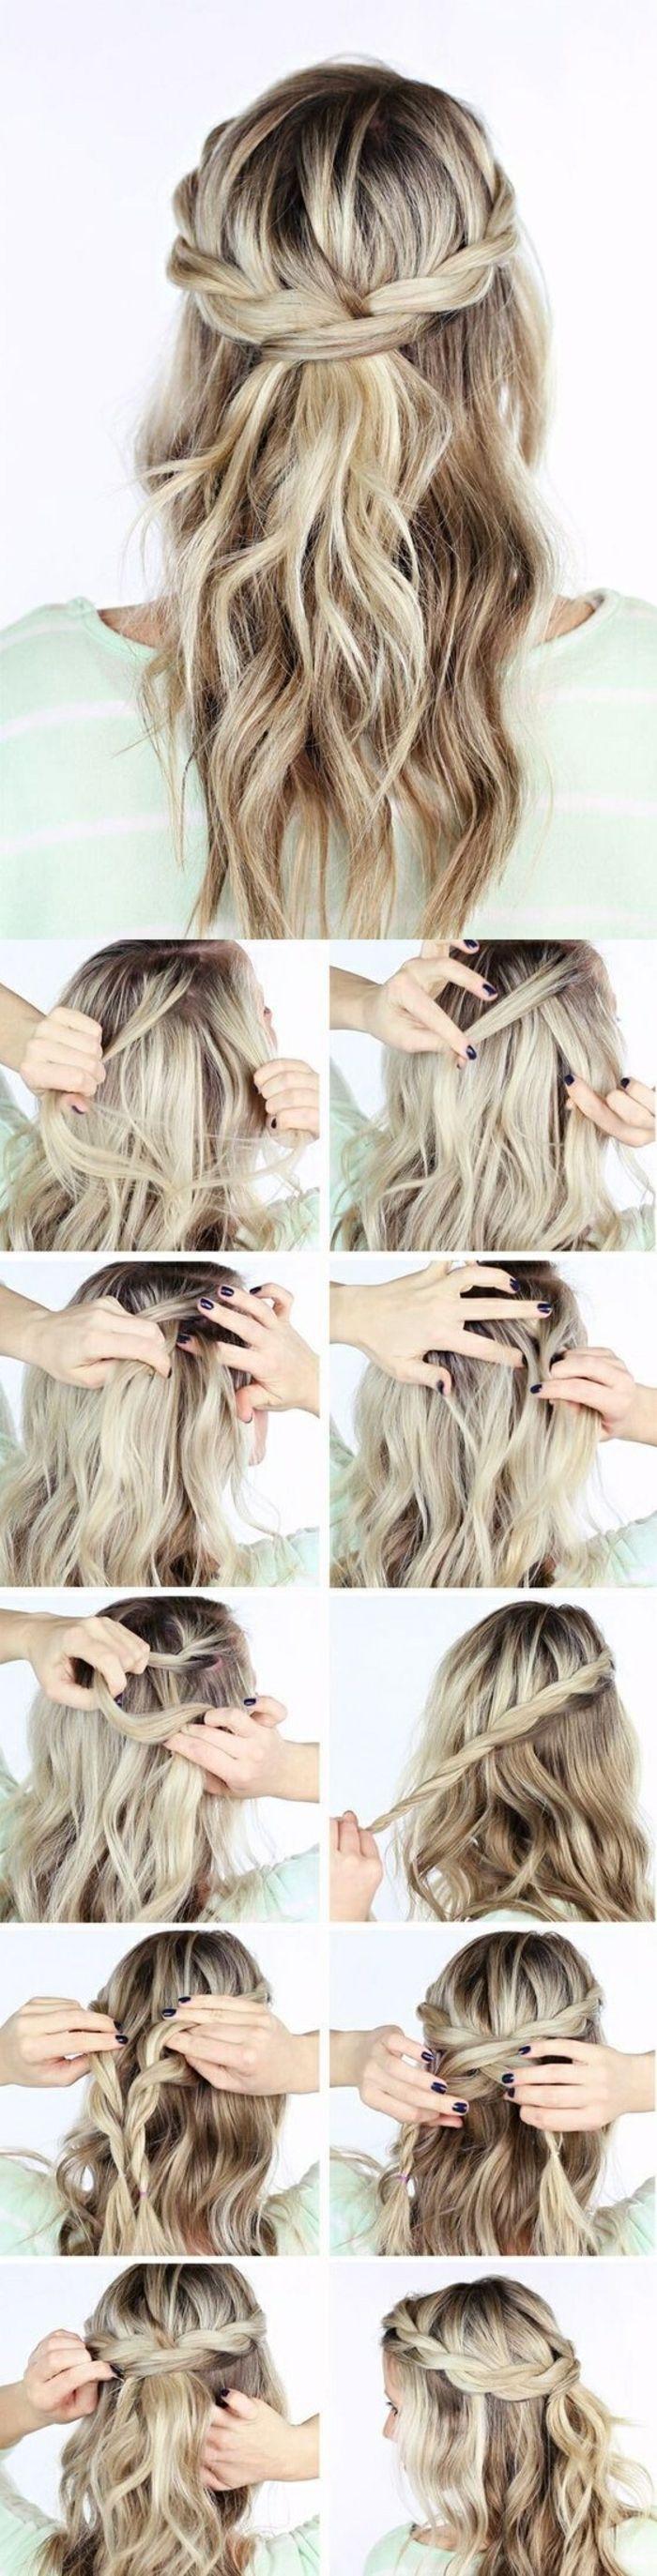 einfache frisuren   mittellange, blonde, lockige haare, tolle flechtfrisur